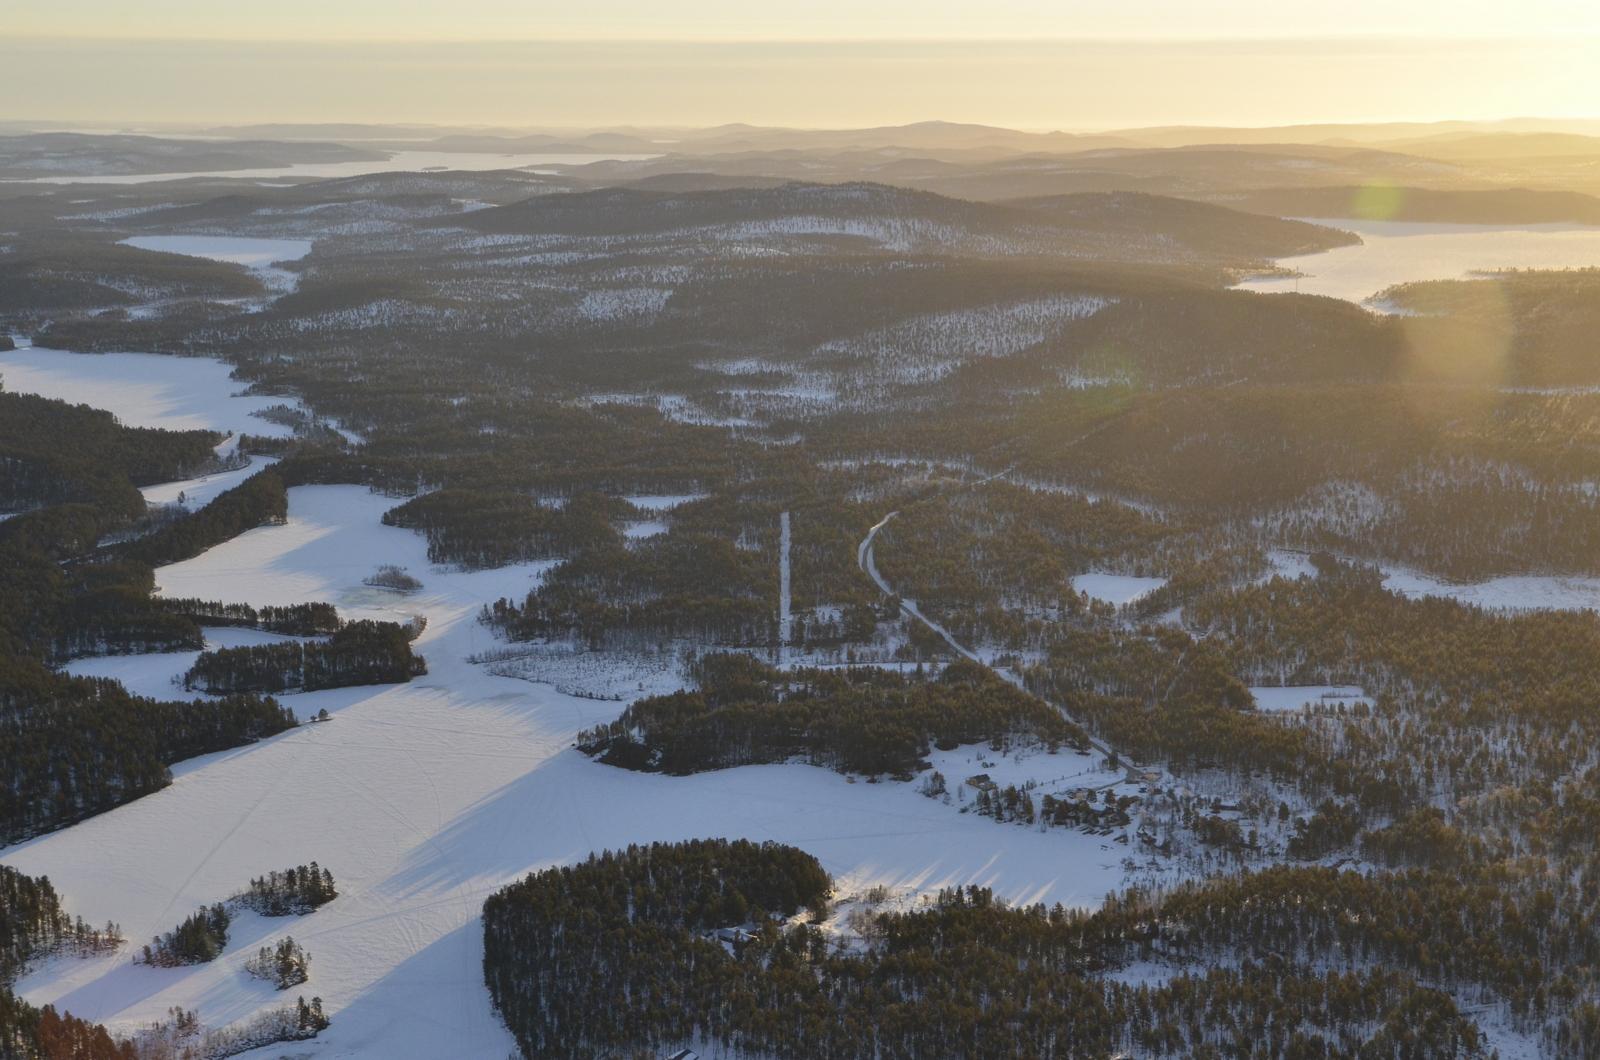 Jurgulahti oikealla, vasemmalla kauimmainen järvi on Paadari.